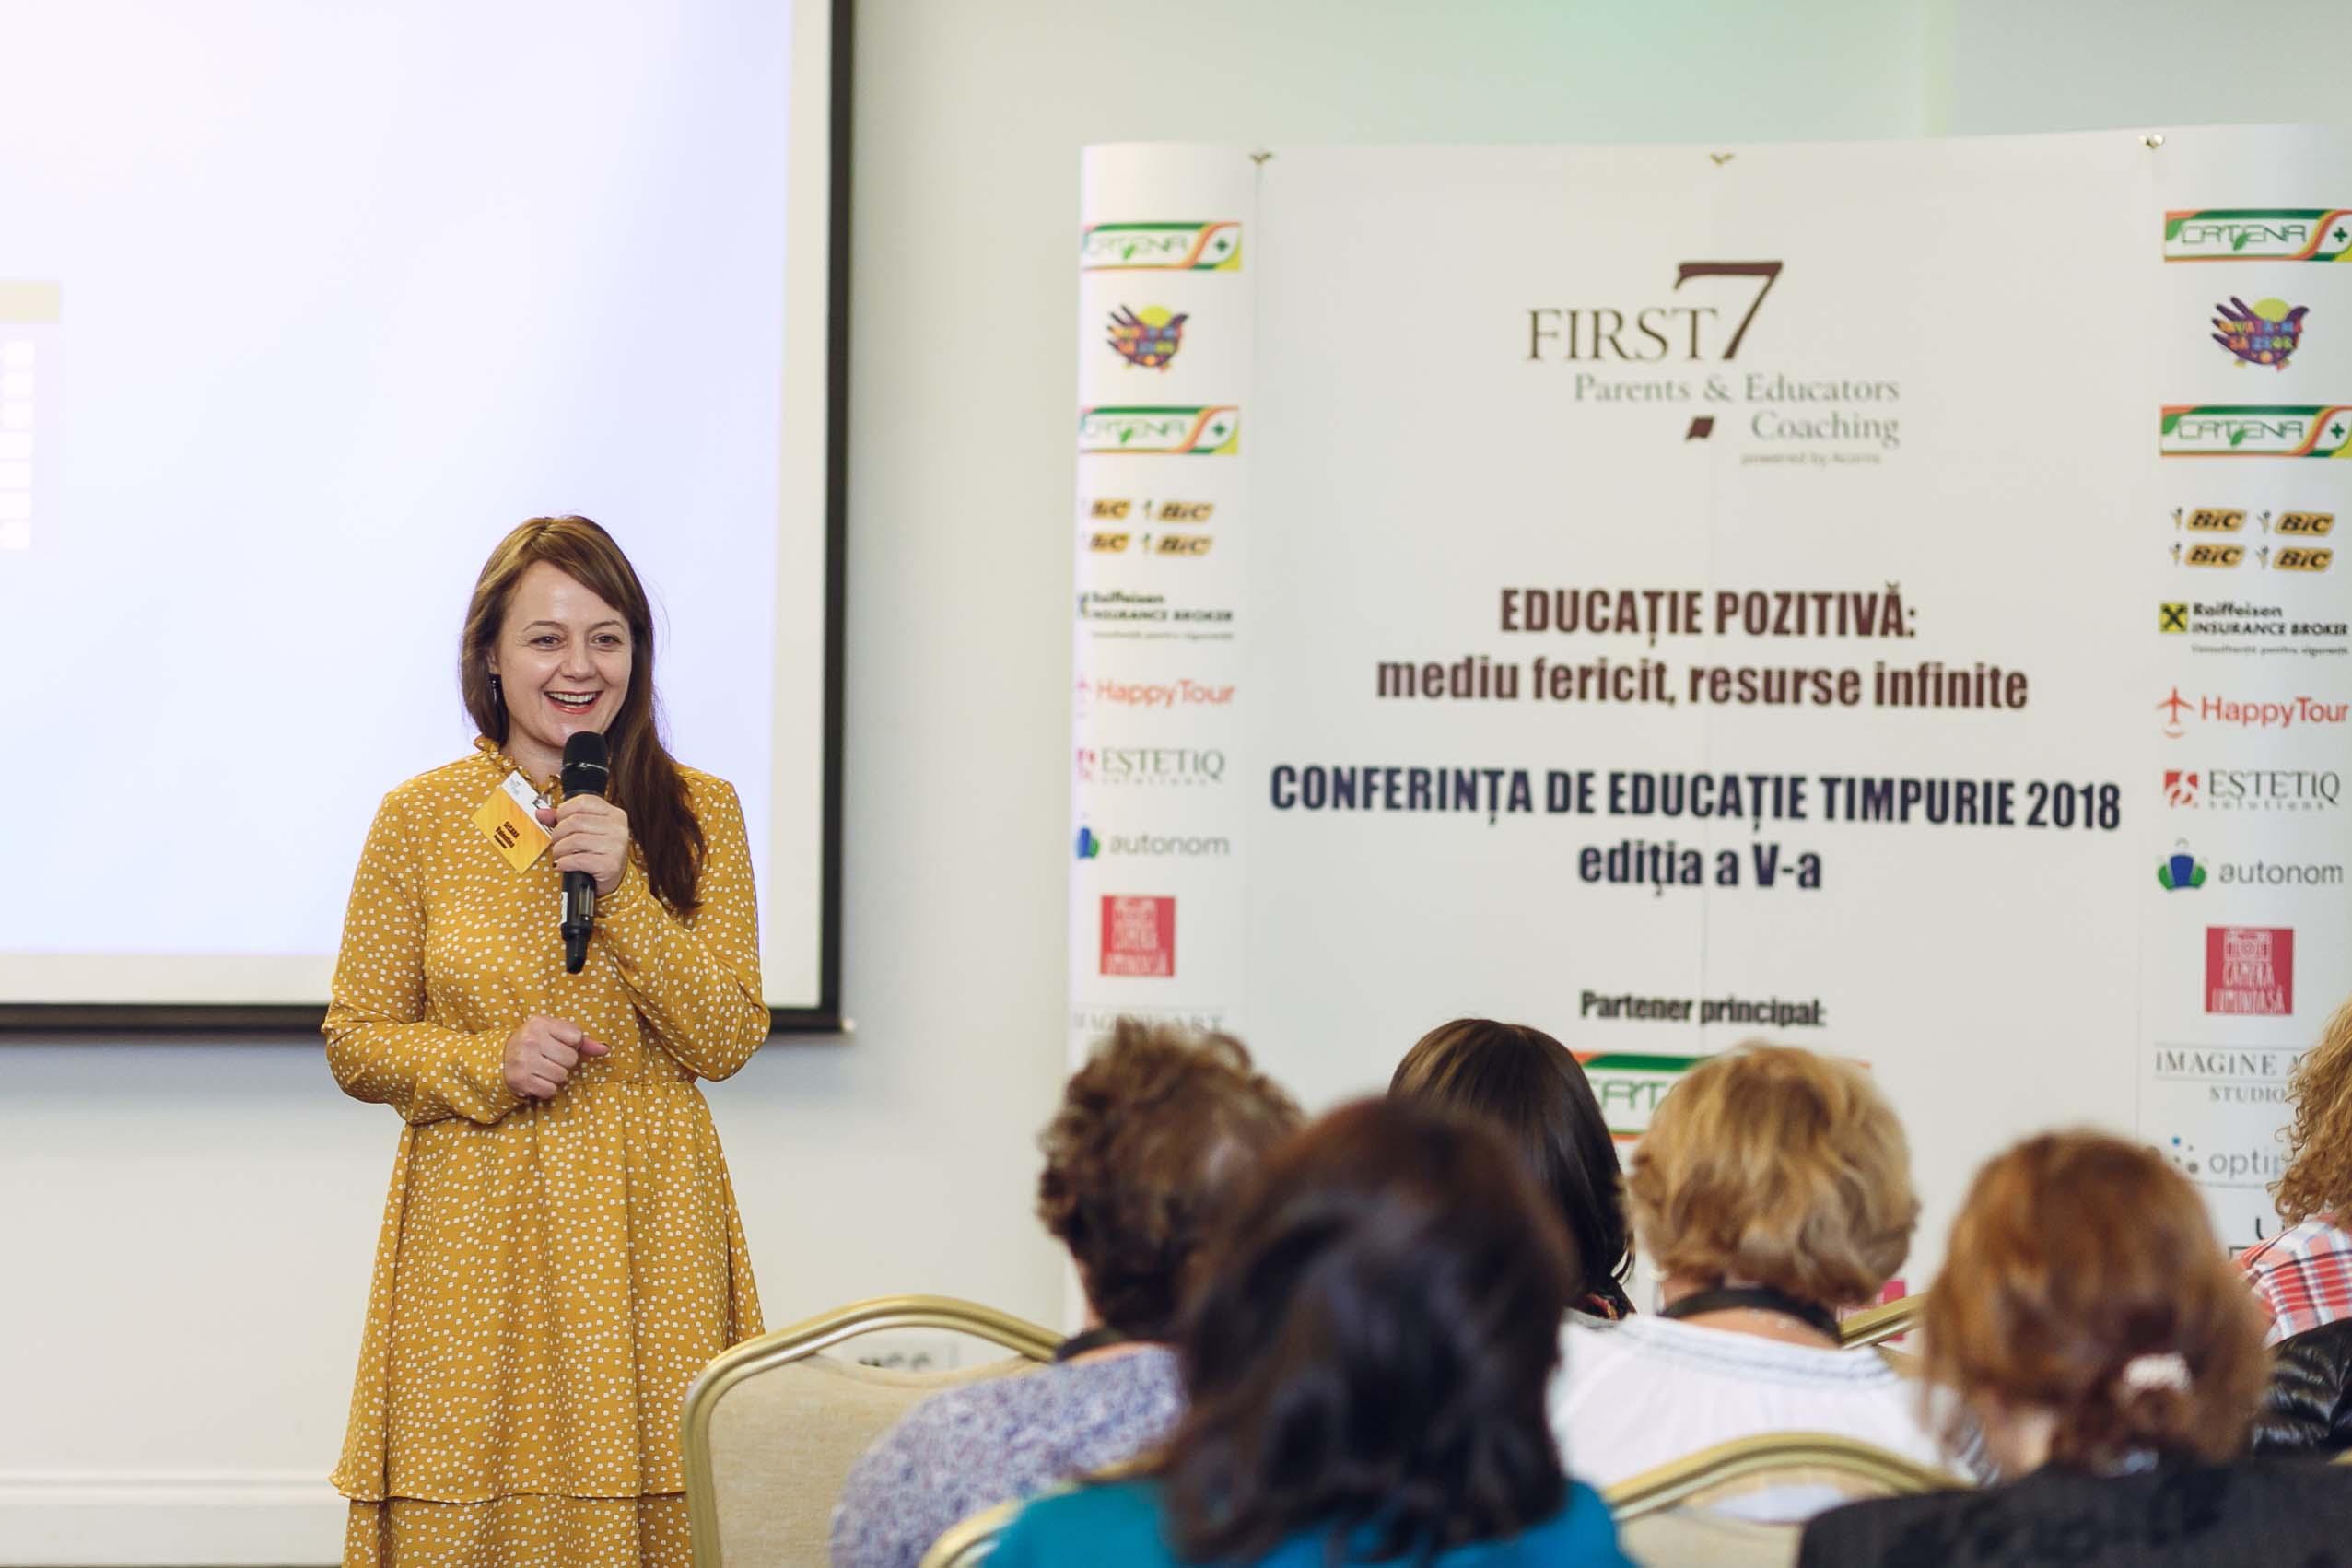 Valentina Secară_Conferinta de educatie timpurie_2018